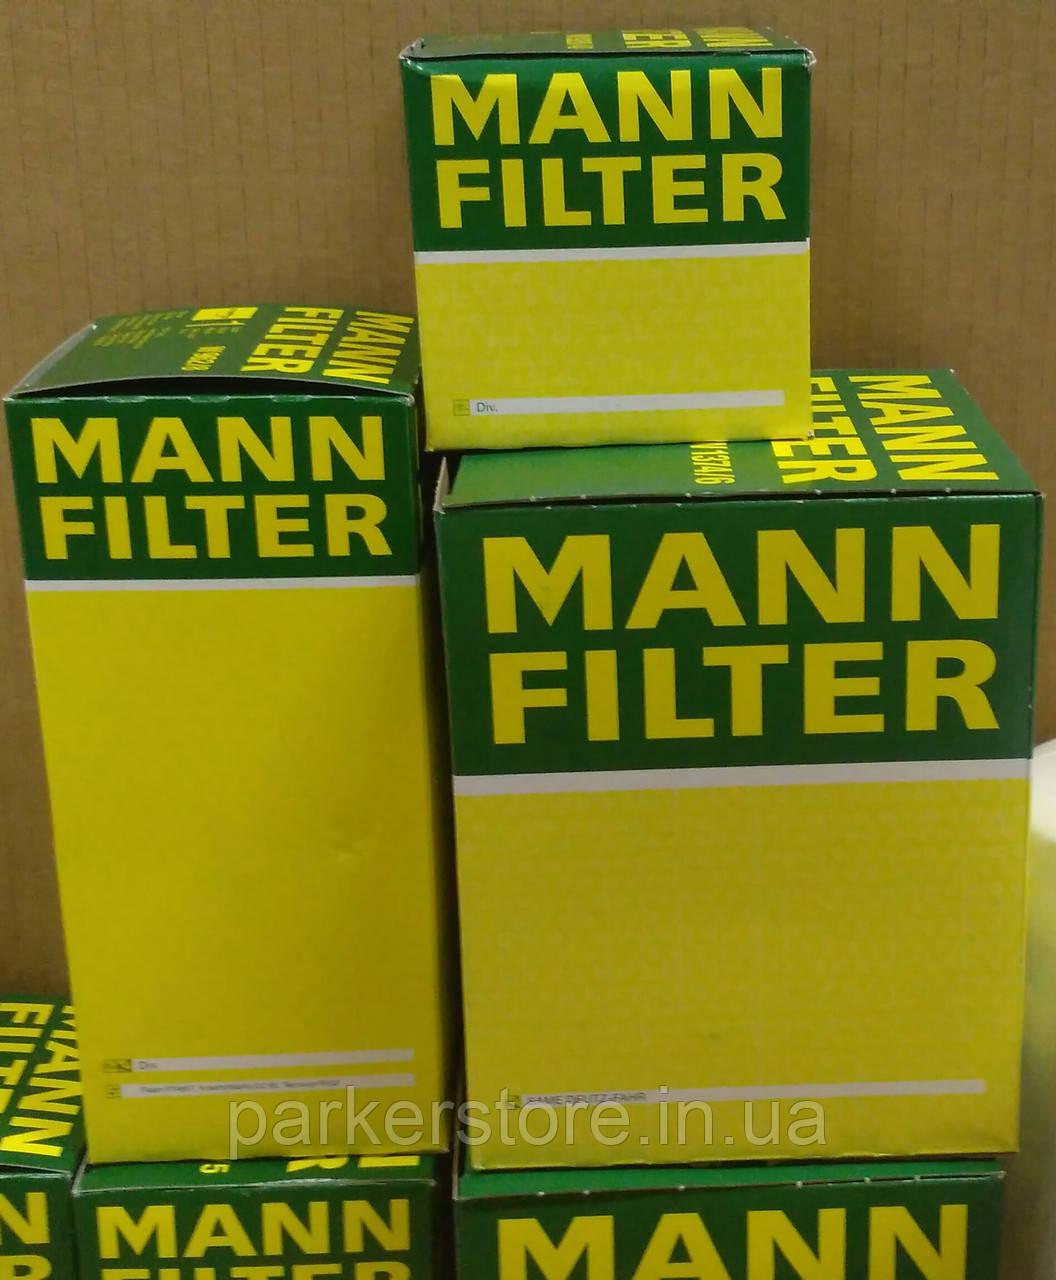 MANN FILTER / Повітряний фільтр / C 14 200/2 / C14200/2